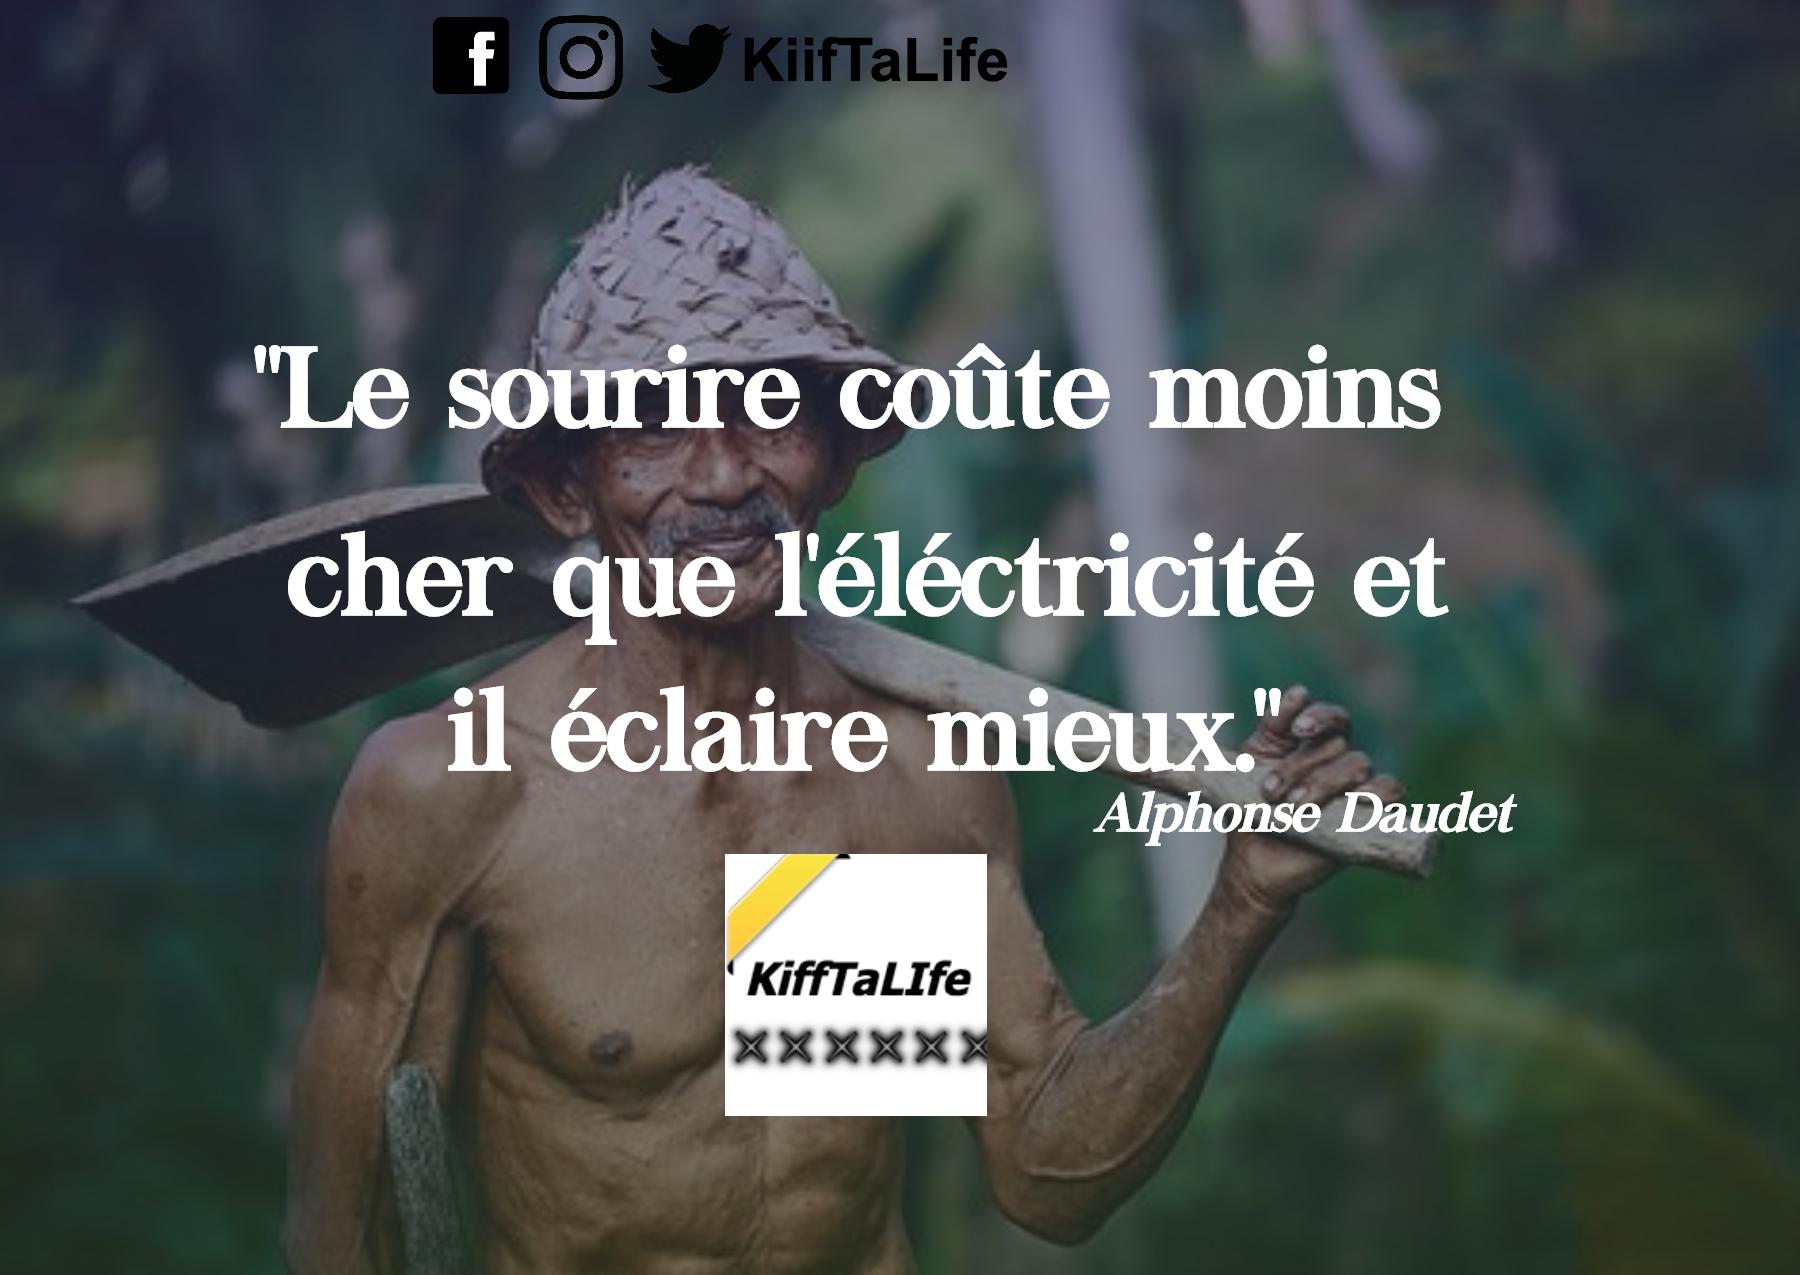 #followyoudream #bonheur #riche #developpementpersonnel #travel #reussite #perseverance #business #trouversavoie